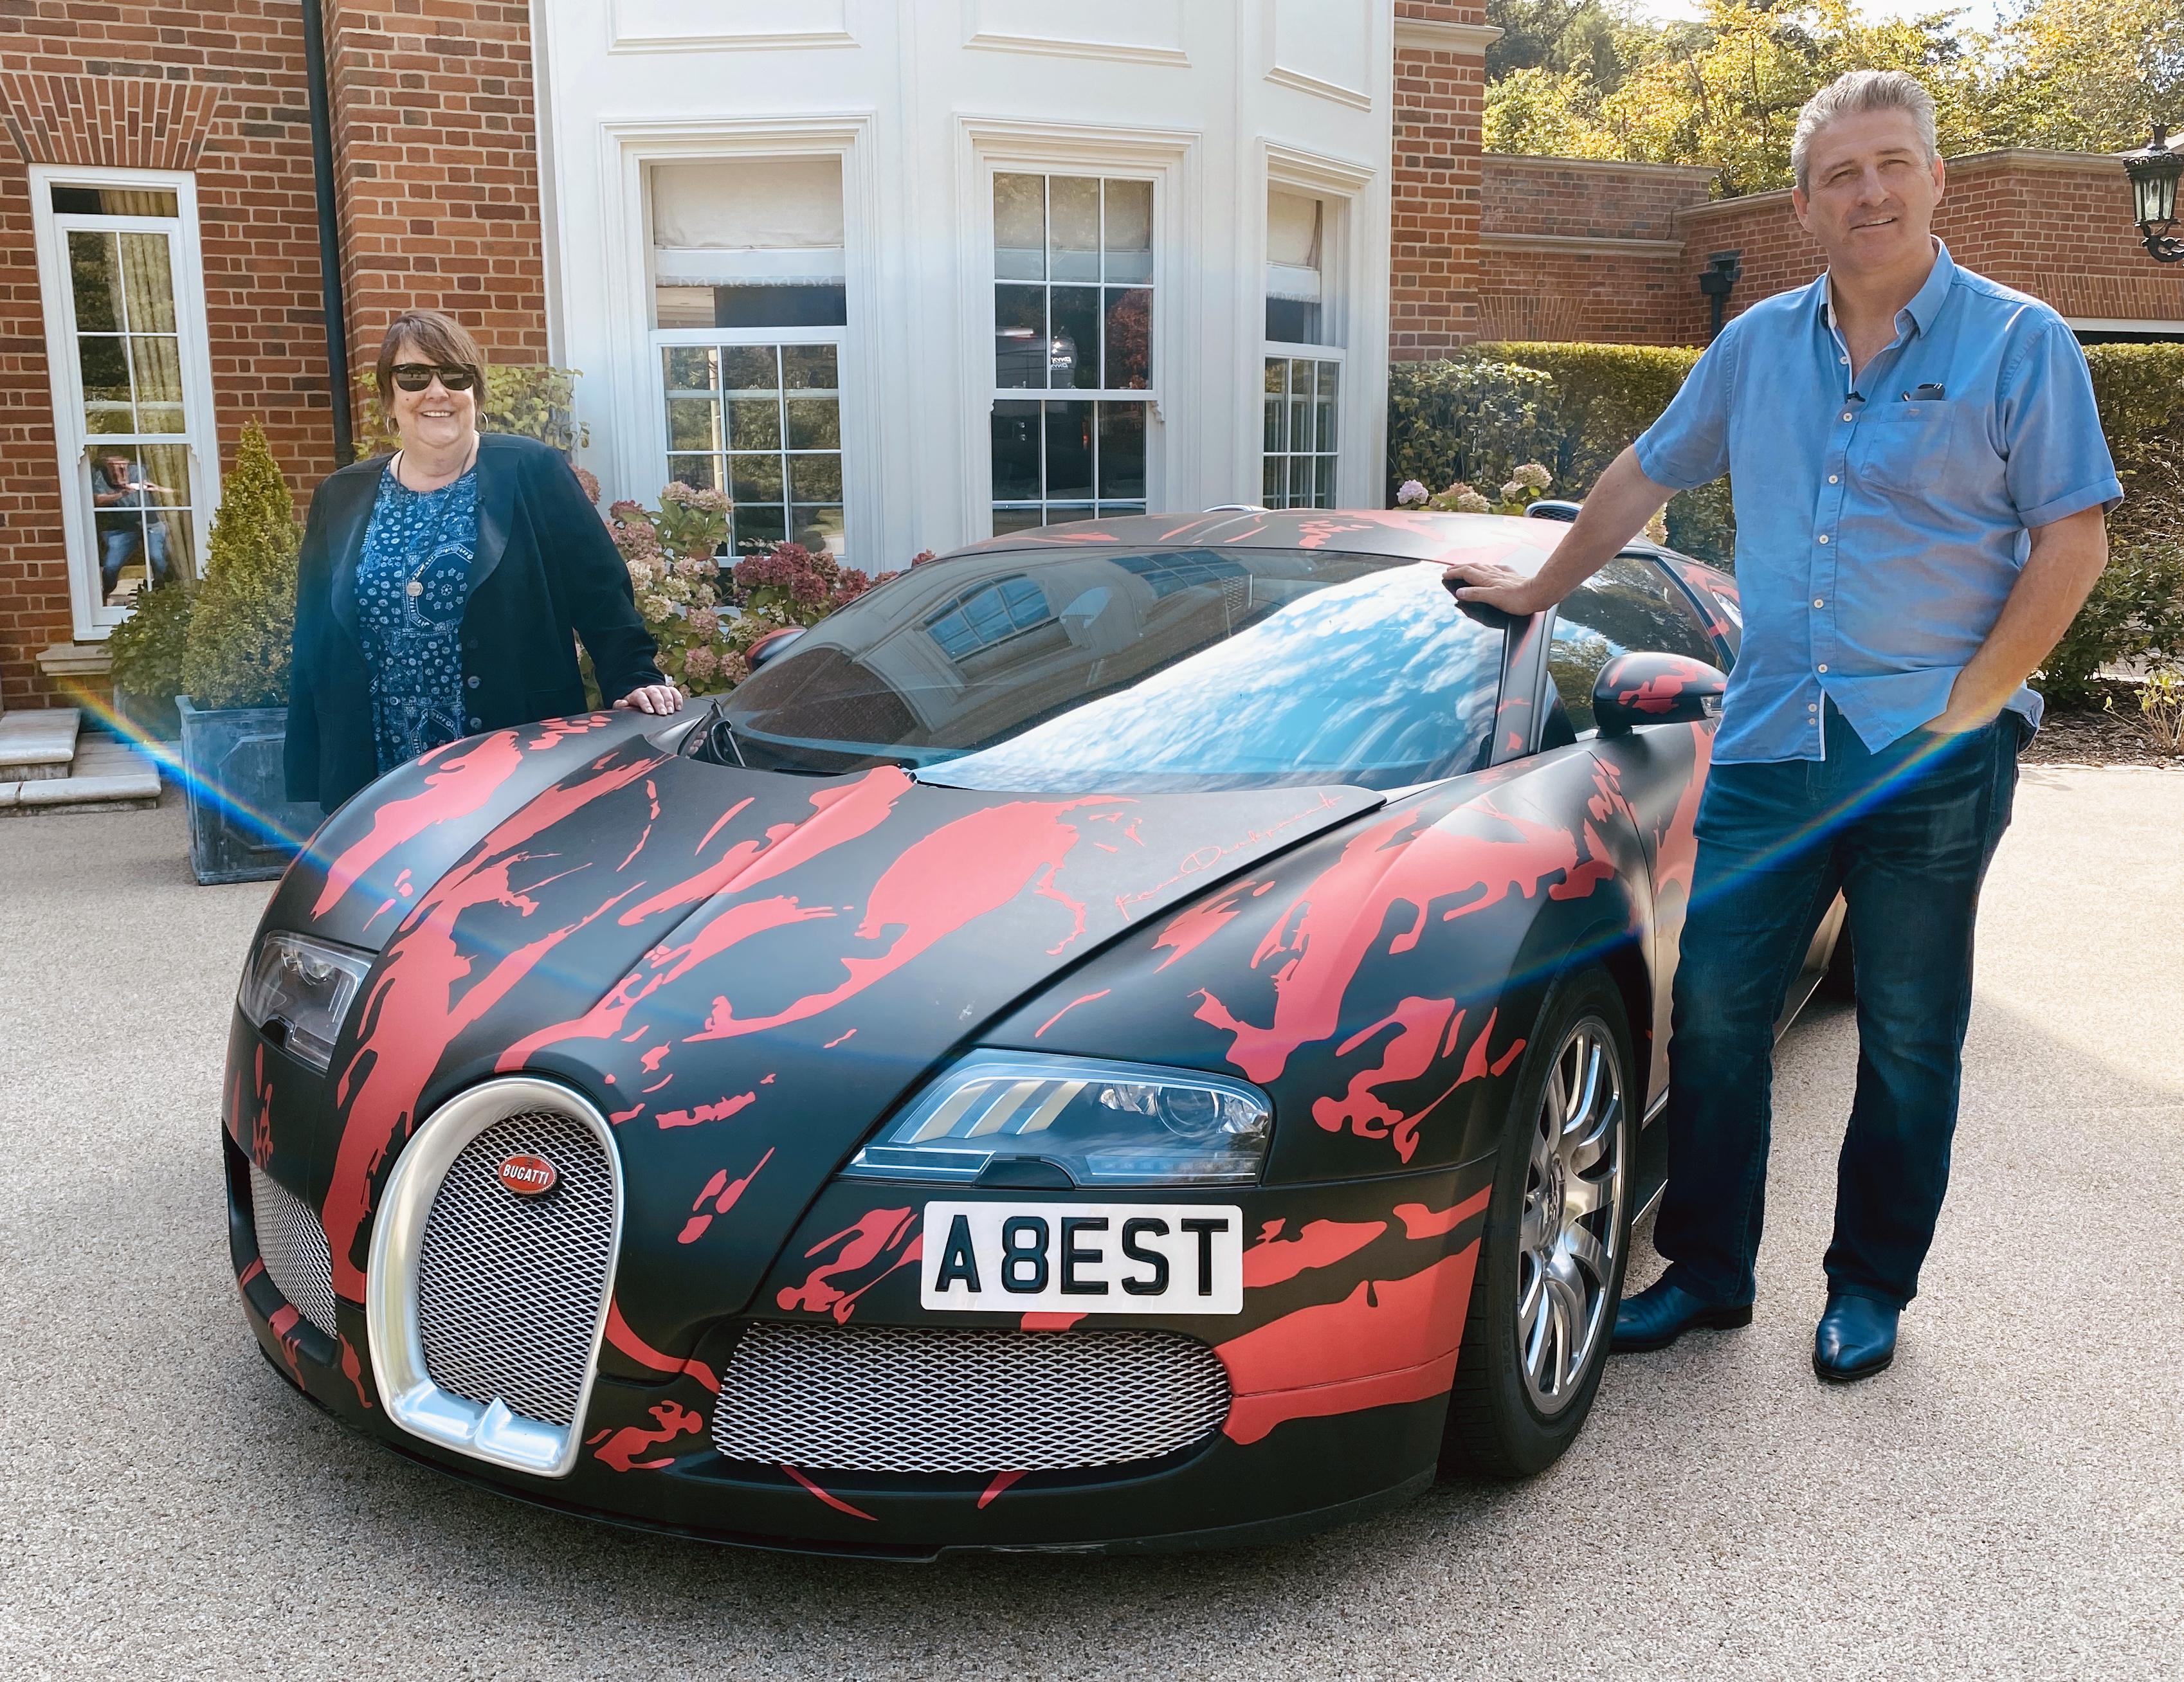 Kathy Burke conoce a Alfie Best mientras viaja por el Reino Unido para Money Talks de C4.